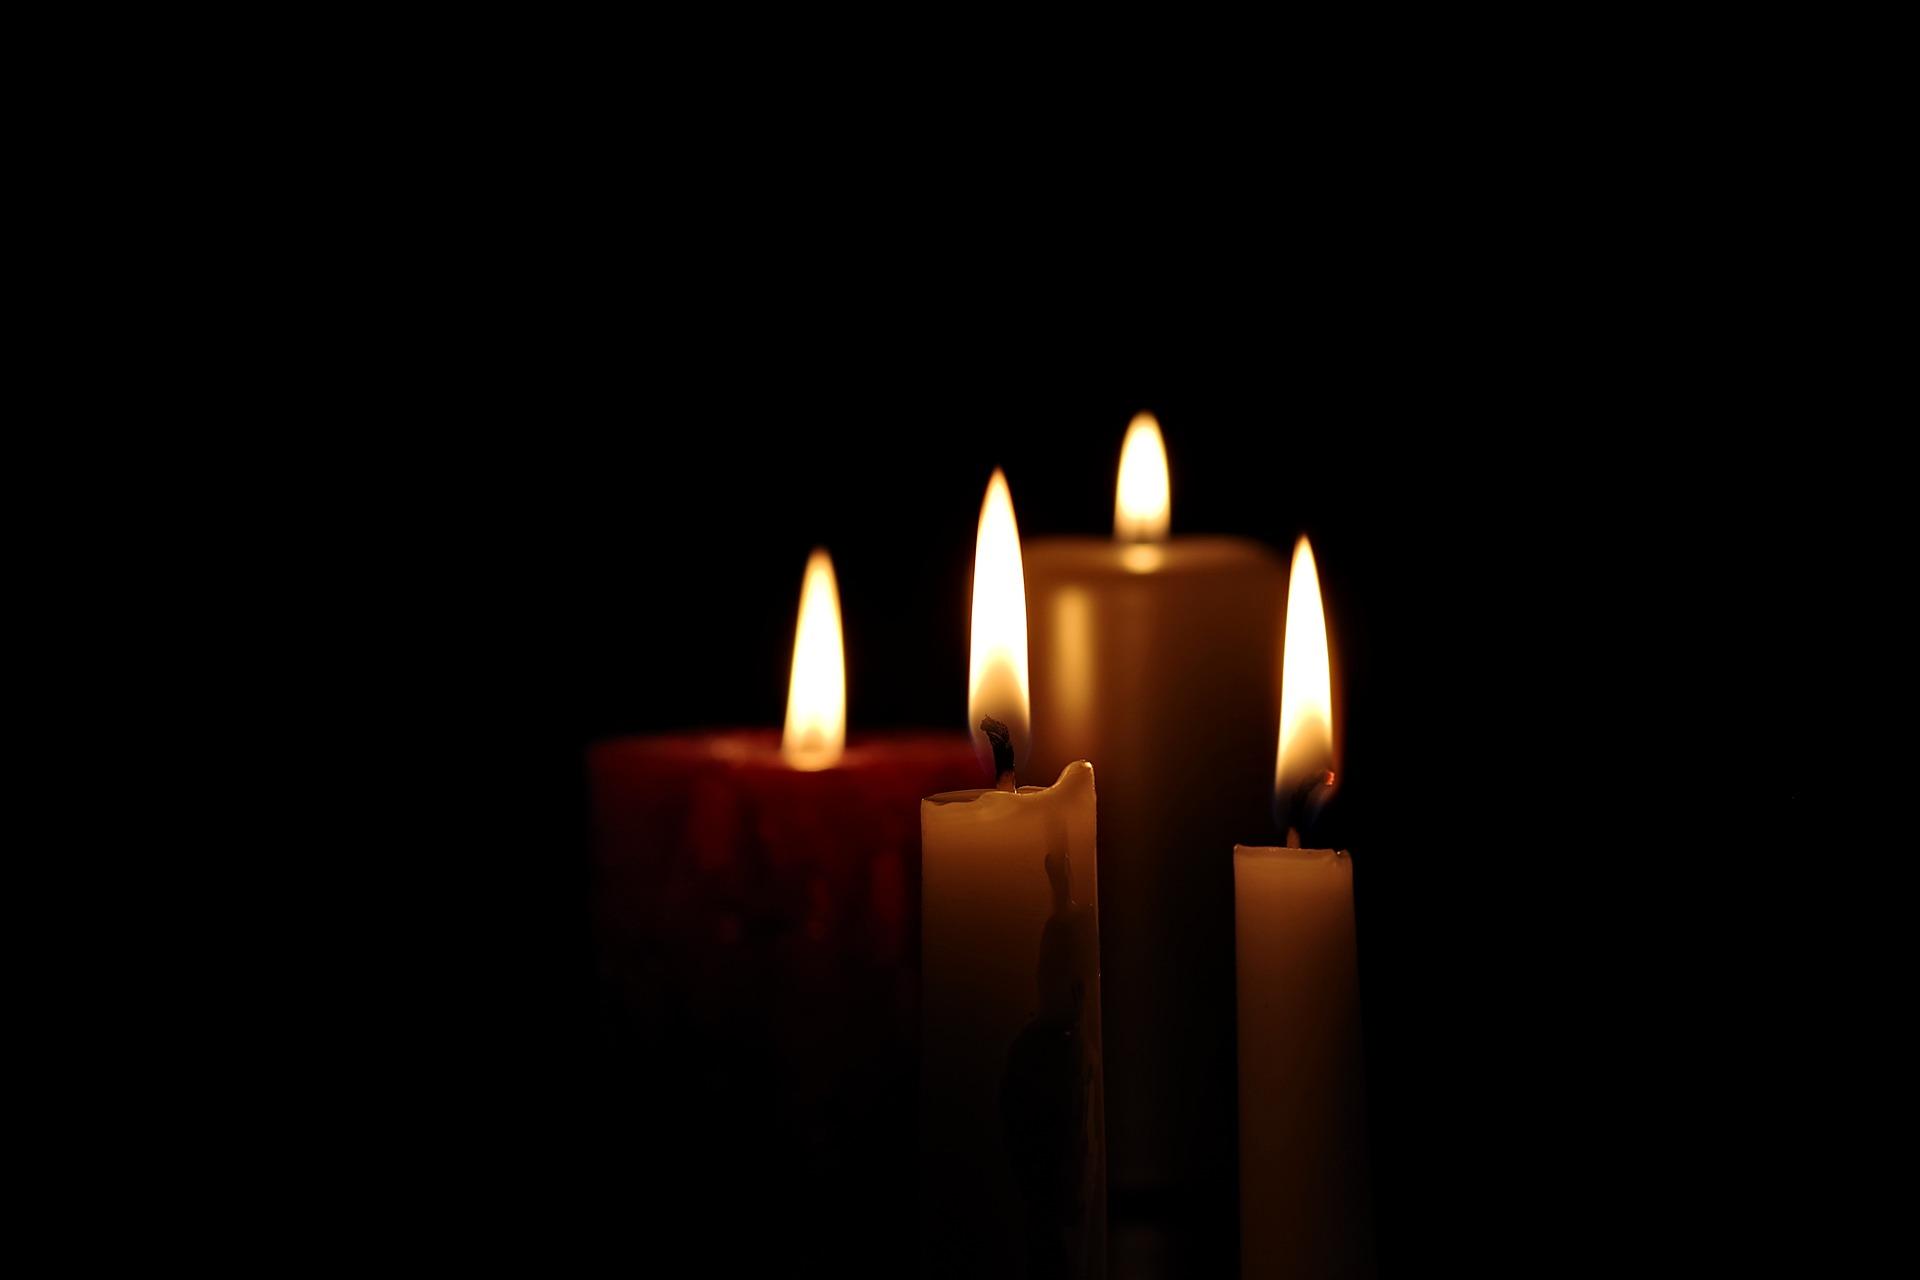 candle 2905395 1920 Zmarł Andrzej Marzec, pracownik Urzędu Miasta Zamość. Chorował na COVID-19